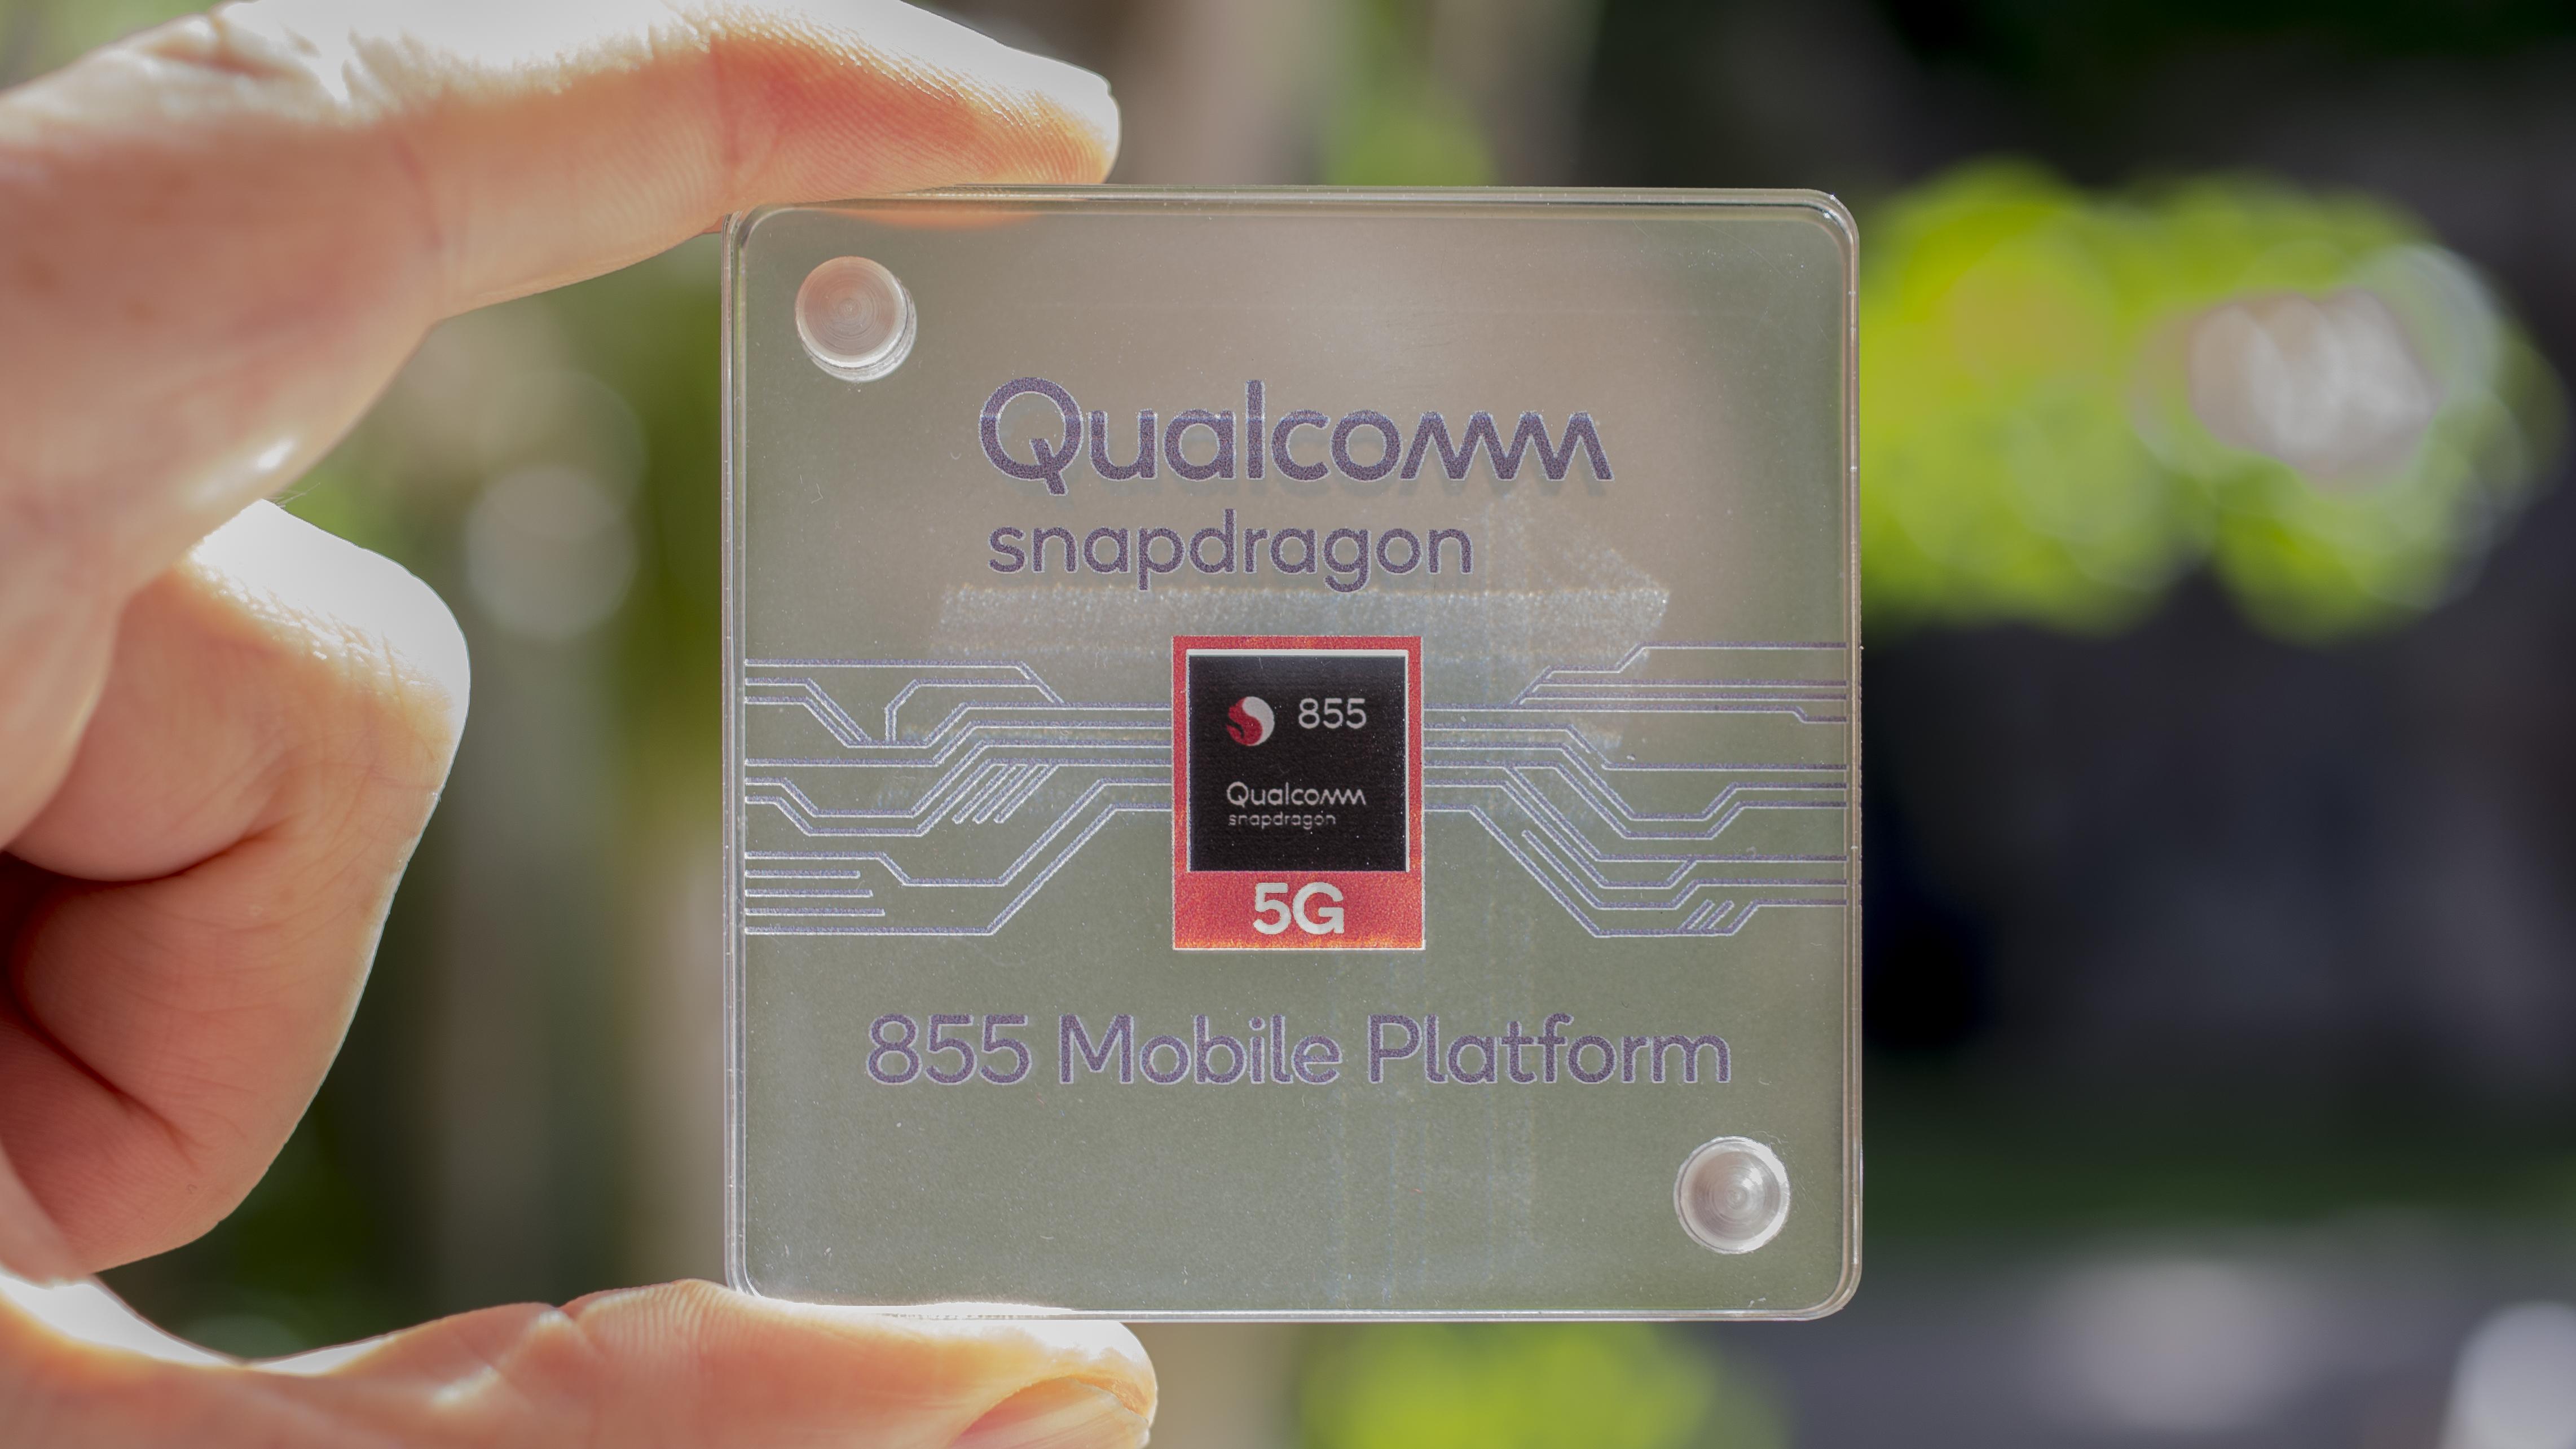 Avance de Qualcomm Snapdragon 855: su próximo teléfono inteligente estrella será una bestia